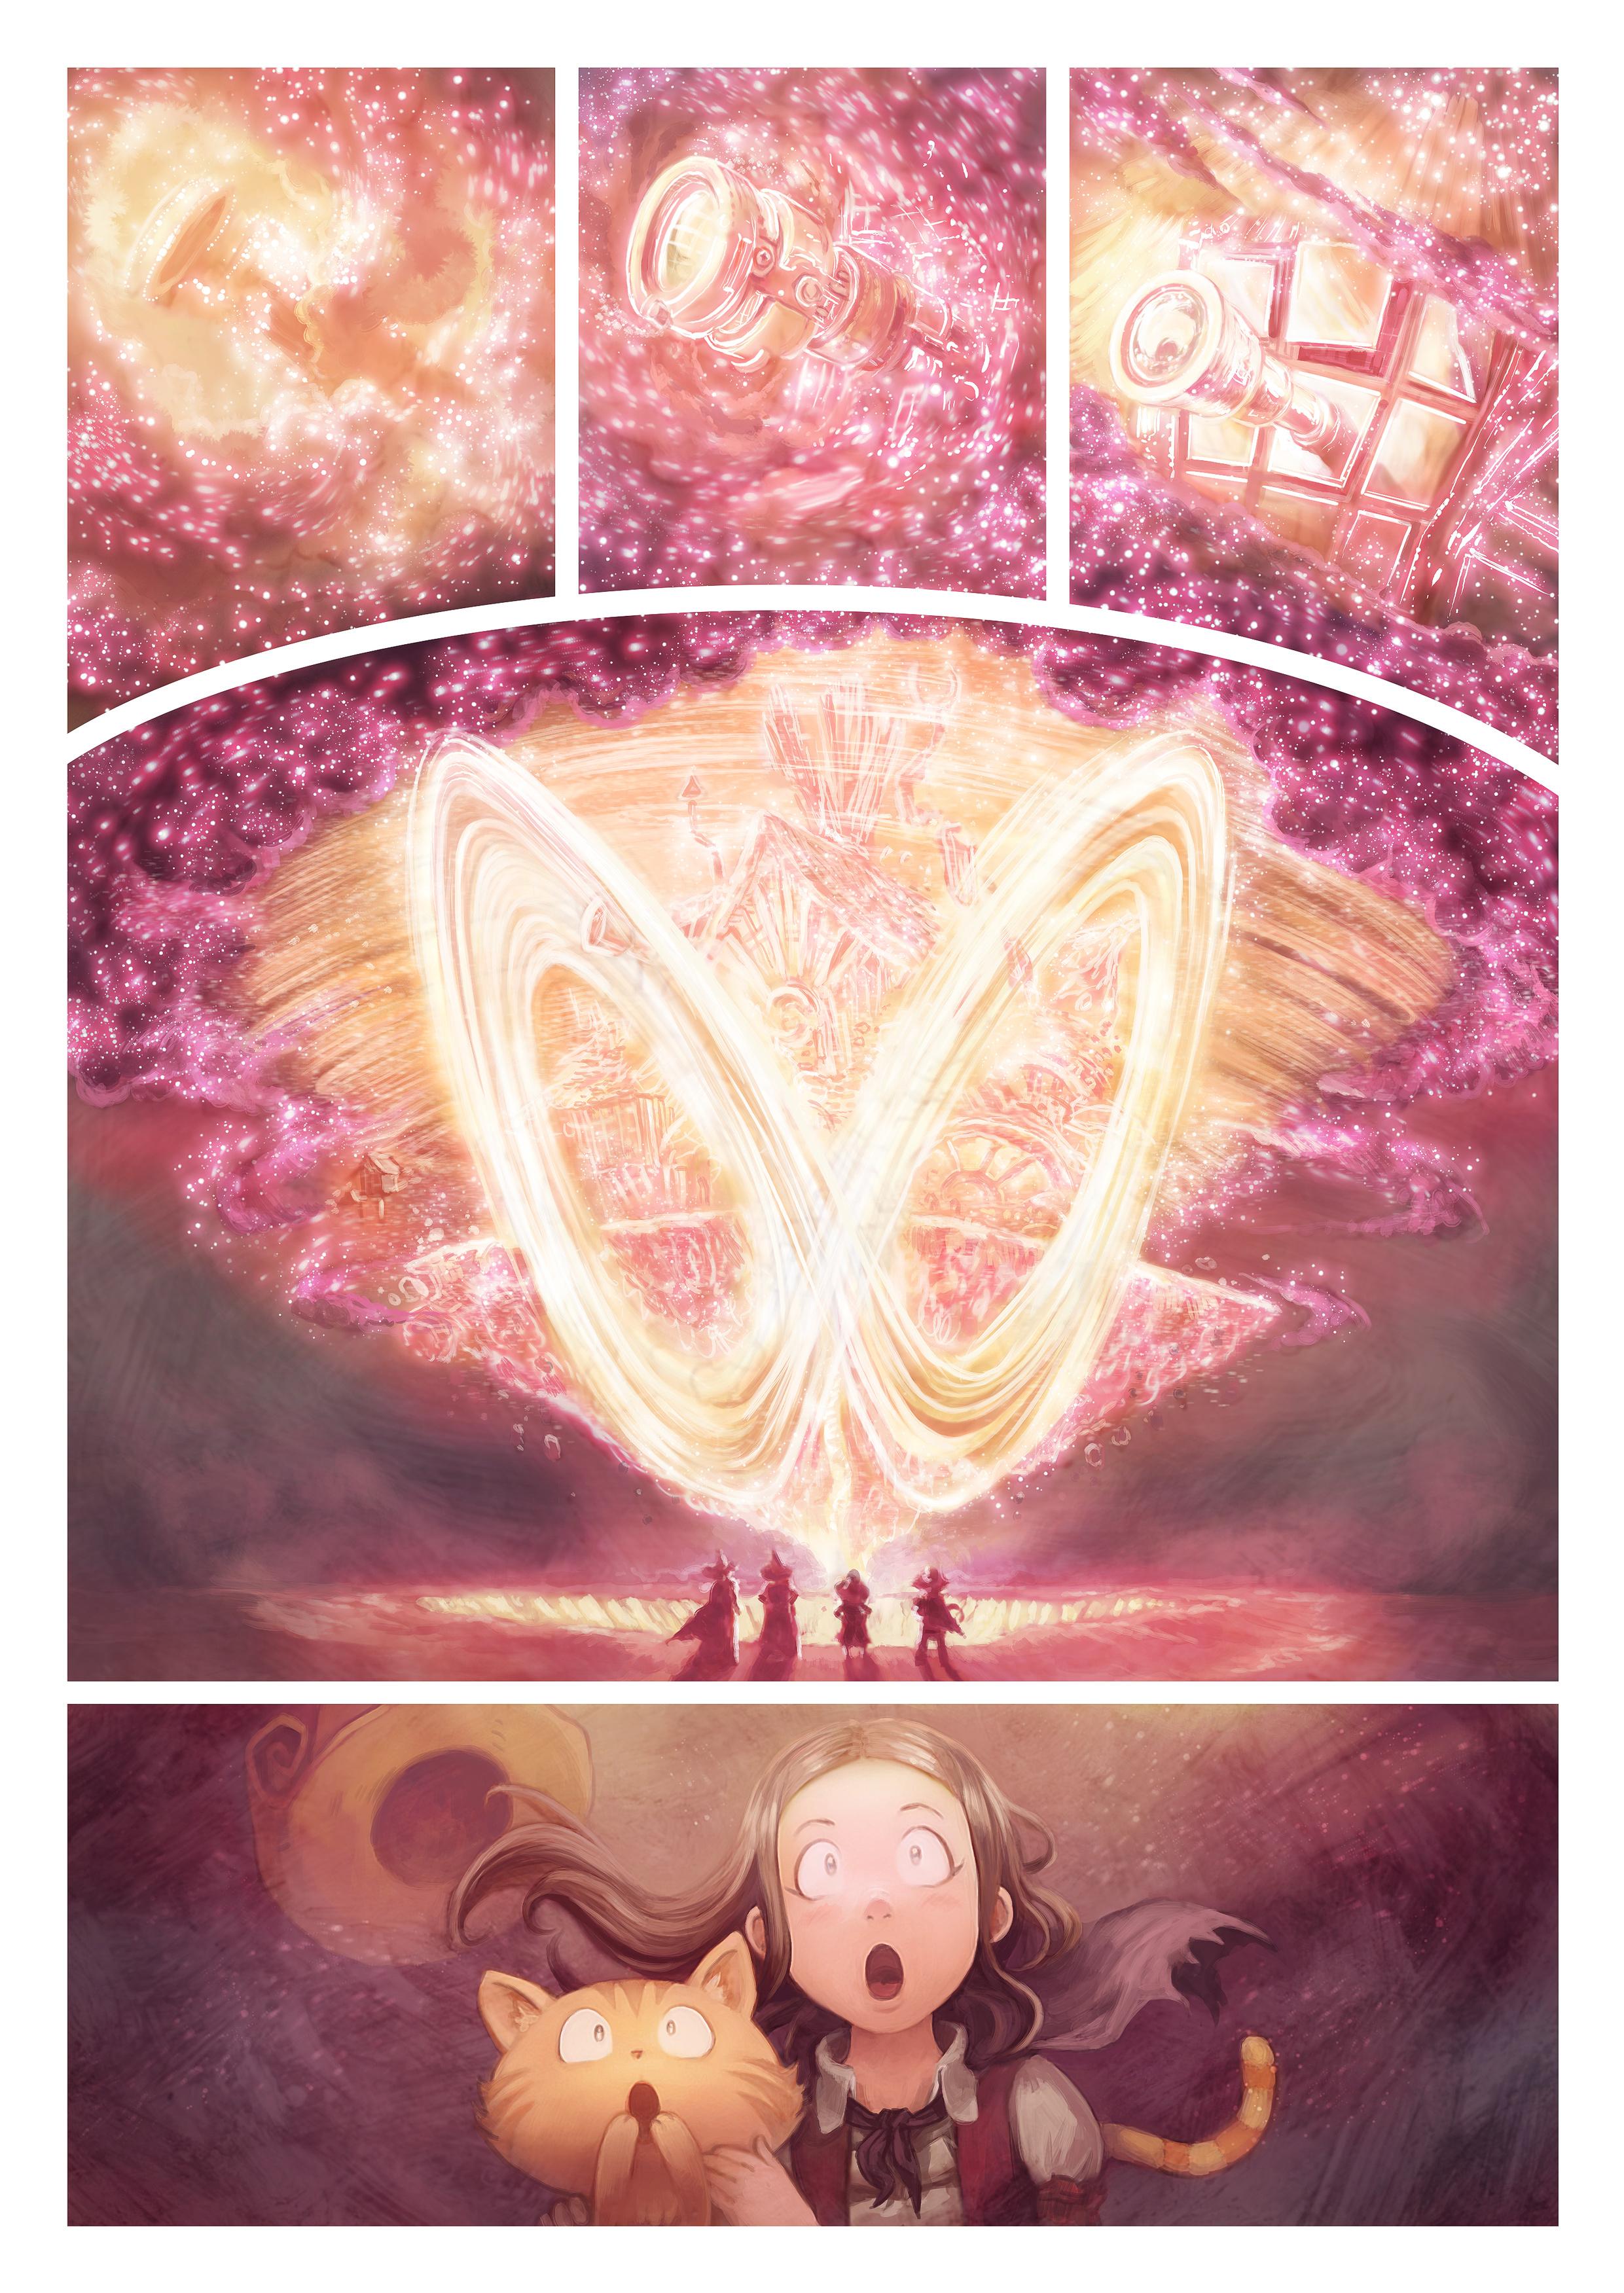 第25集:成功无捷径, Page 7